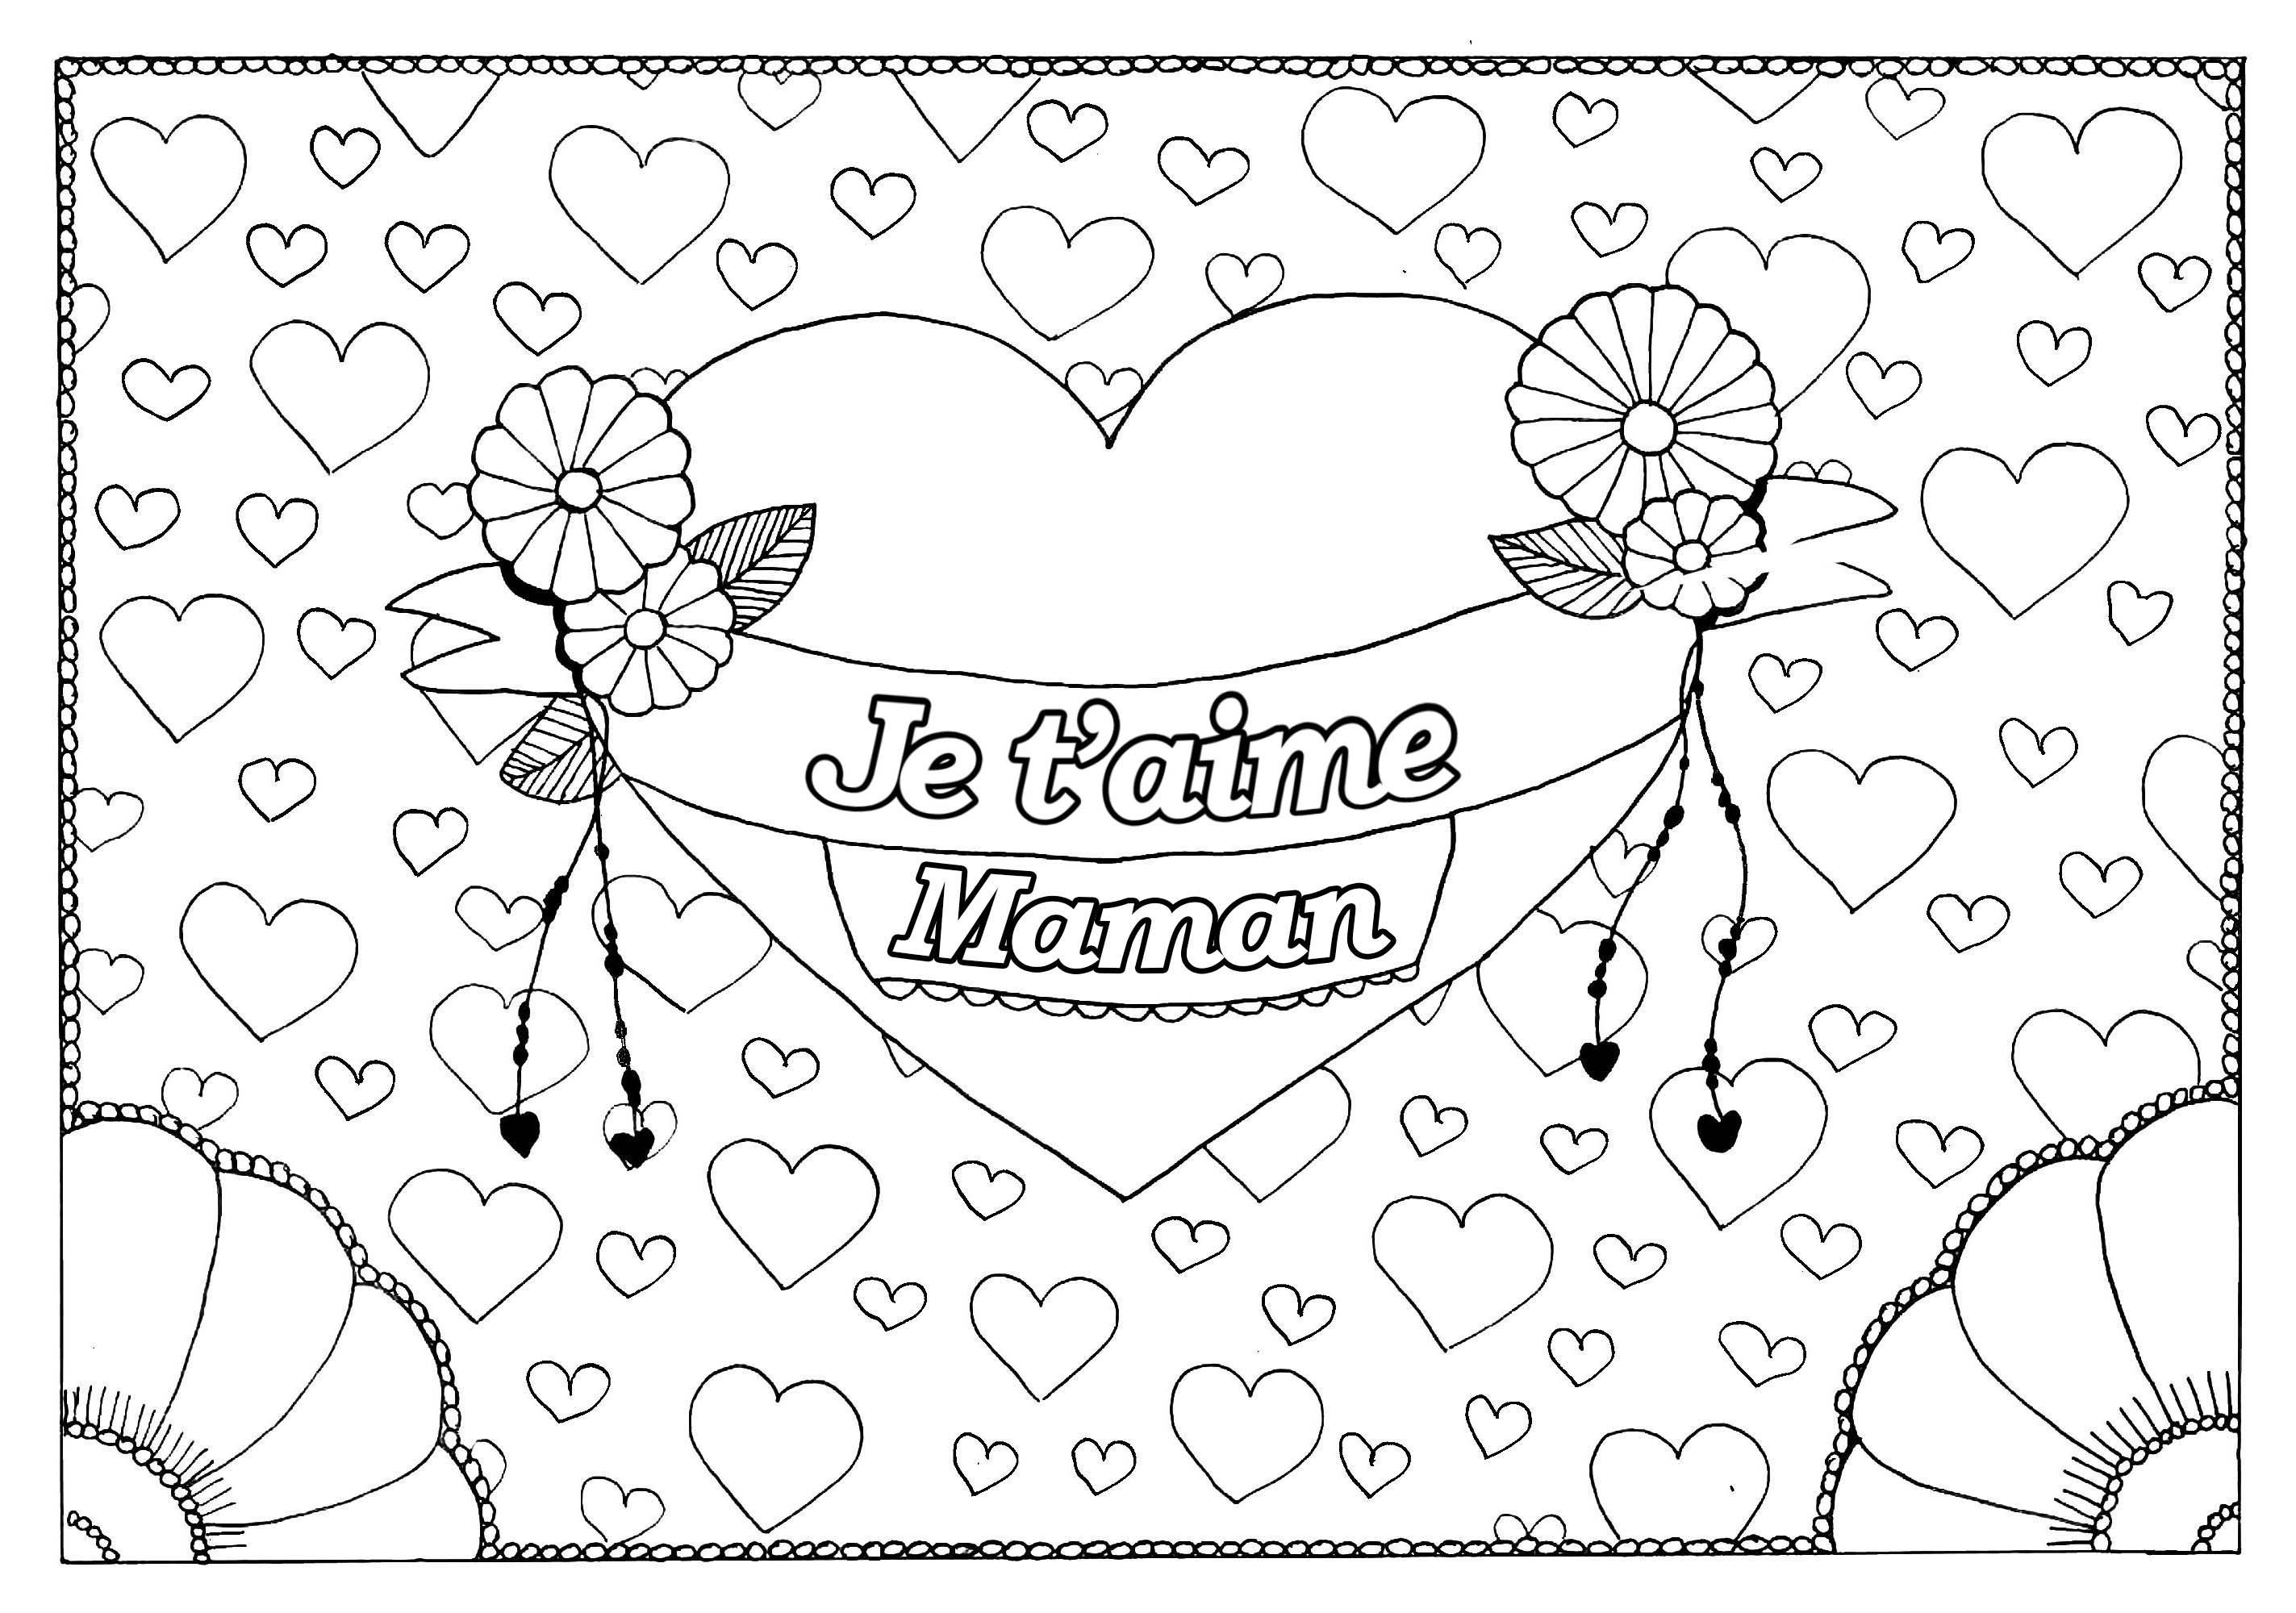 Coloriage spécial Fête des mères : Gros coeur et petits coeurs - 1